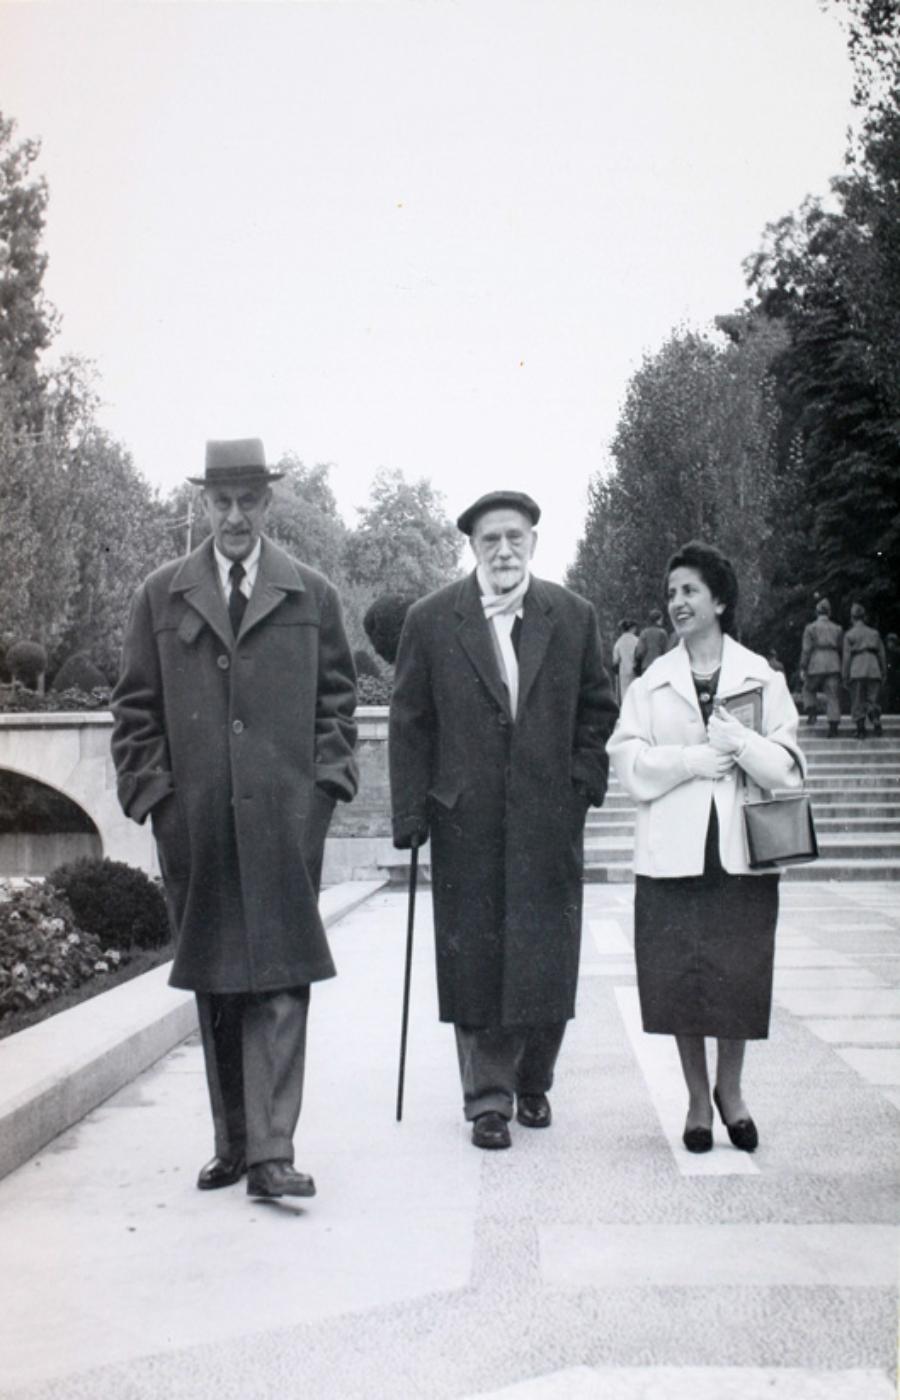 Pío Baroja en el Retiro. © Comunidad de Madrid. Subdirección General de Archivos.